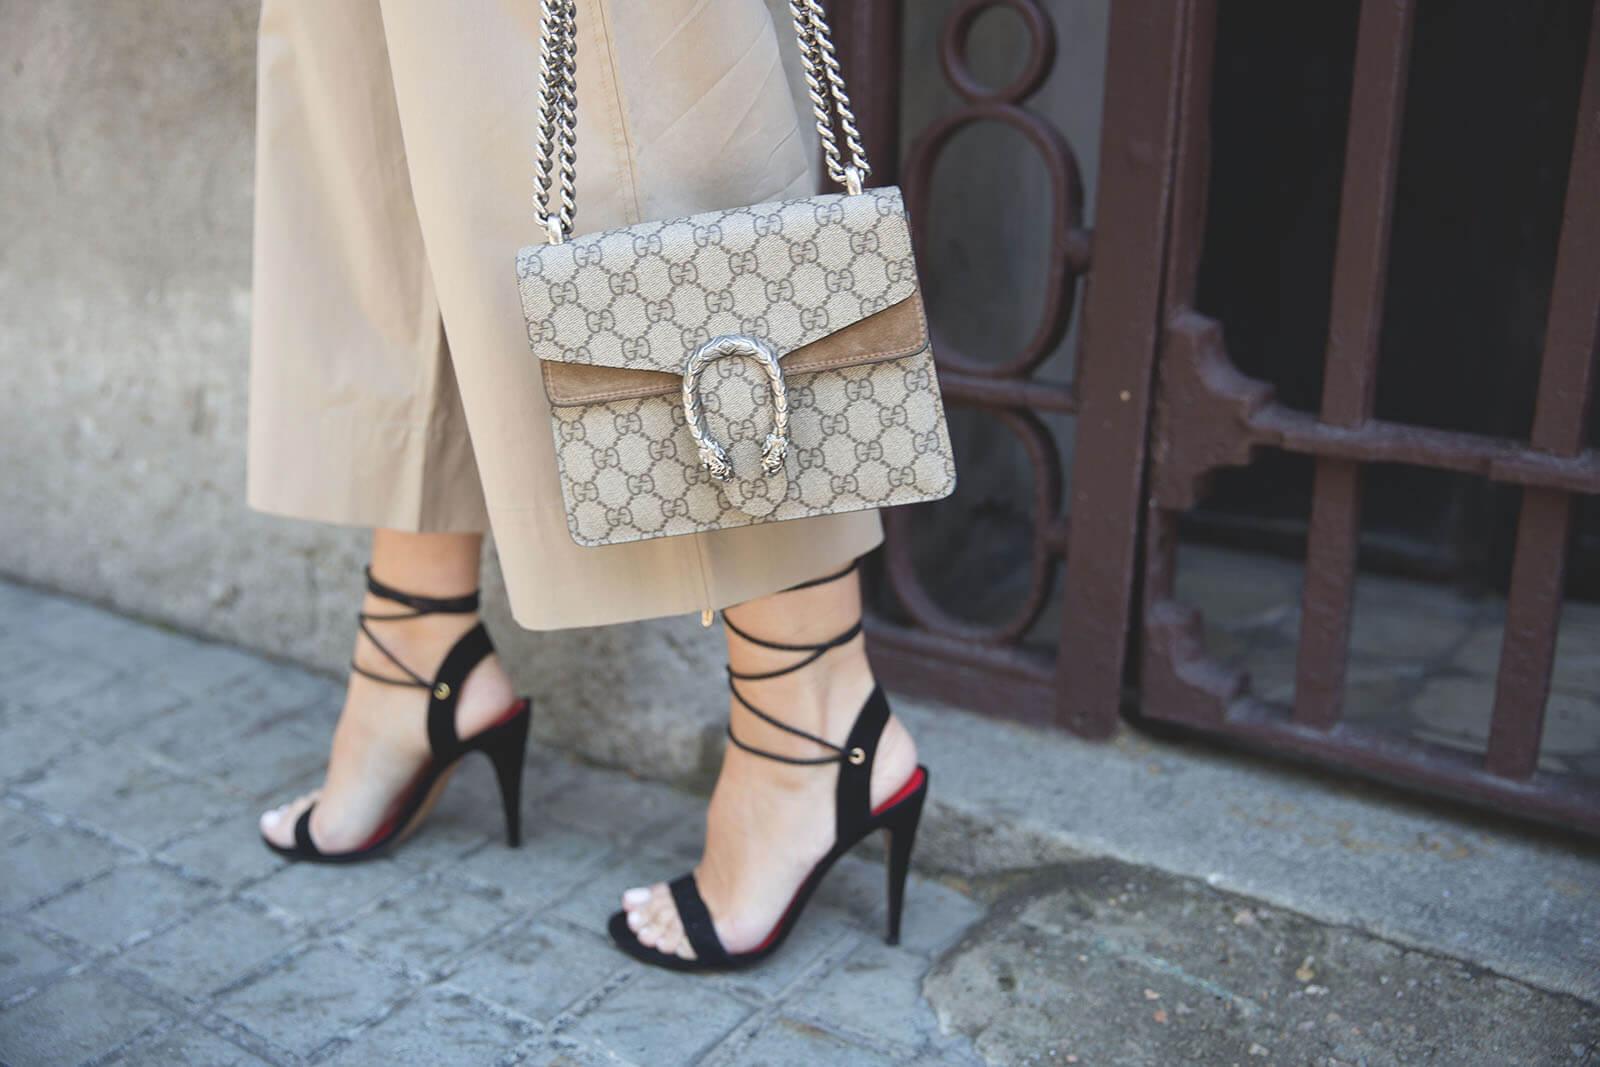 Sandalias negras de tiras pura lopez